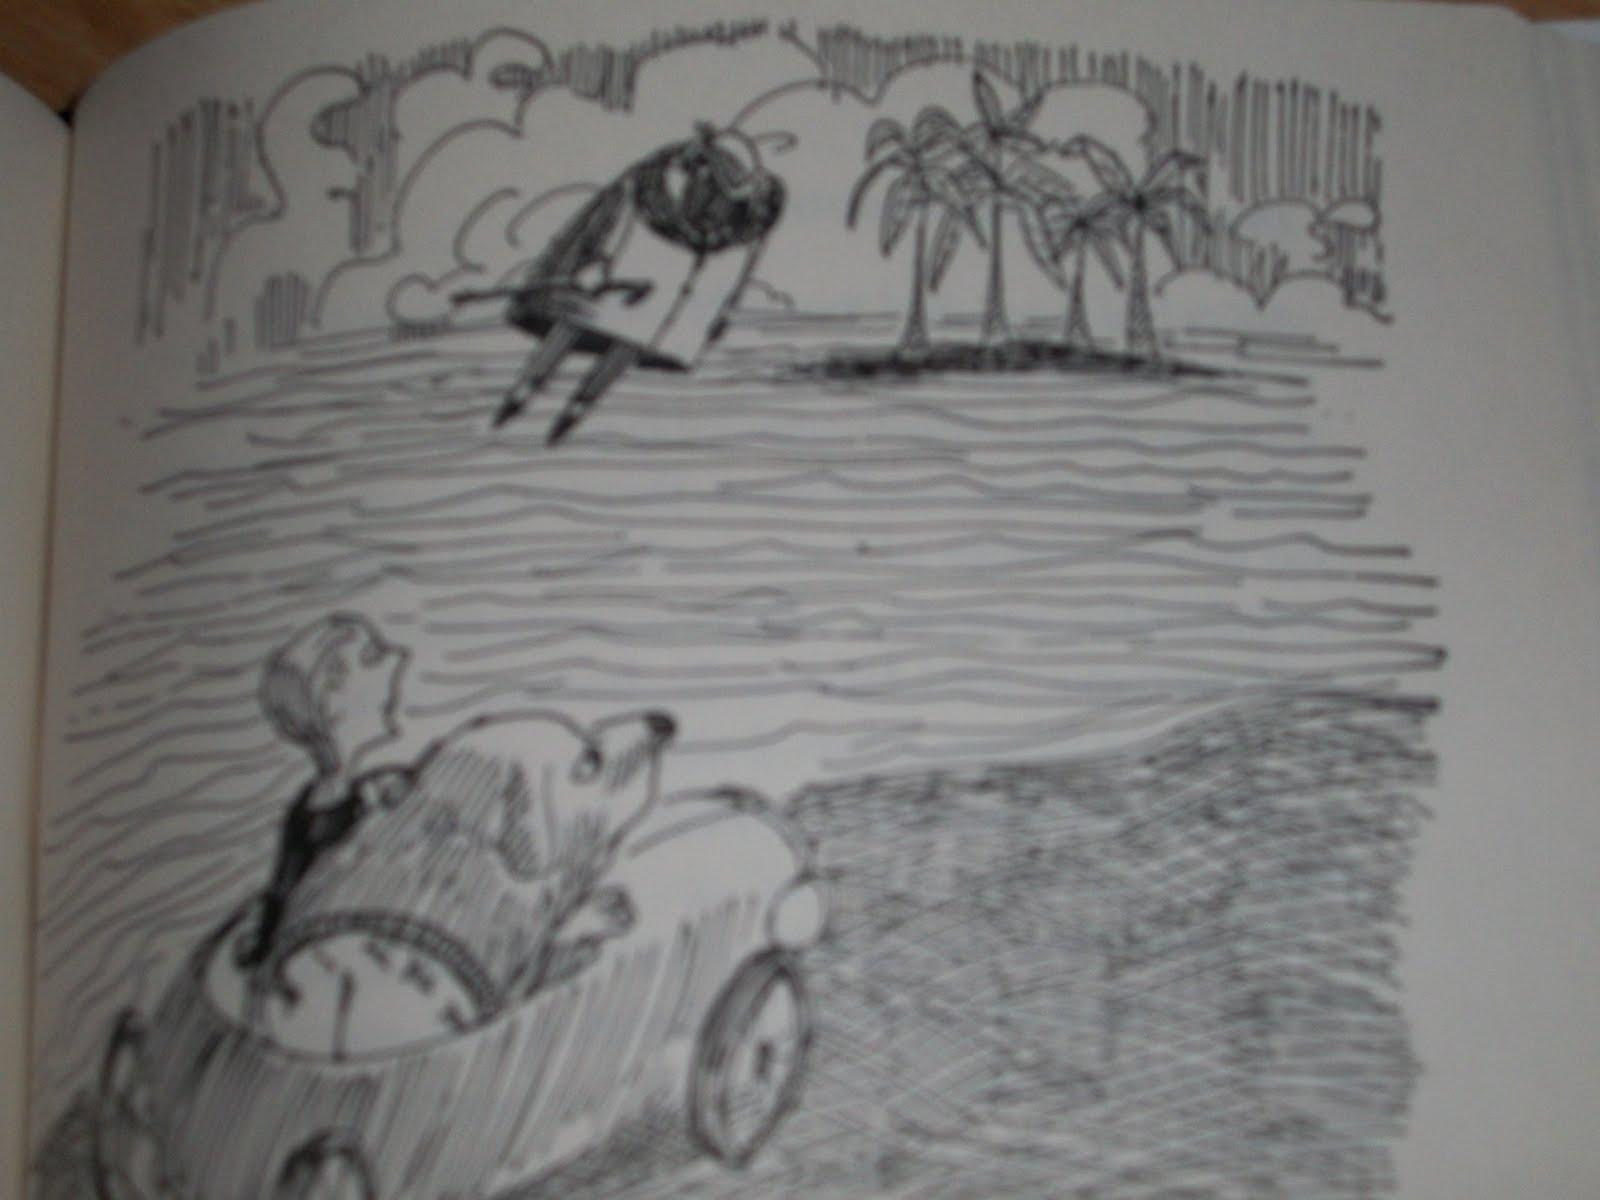 http://2.bp.blogspot.com/-Dm_Qm3iRXKU/TfgmOD9z3FI/AAAAAAAABaY/qYmF3Blzwe0/s1600/Jumping.jpg